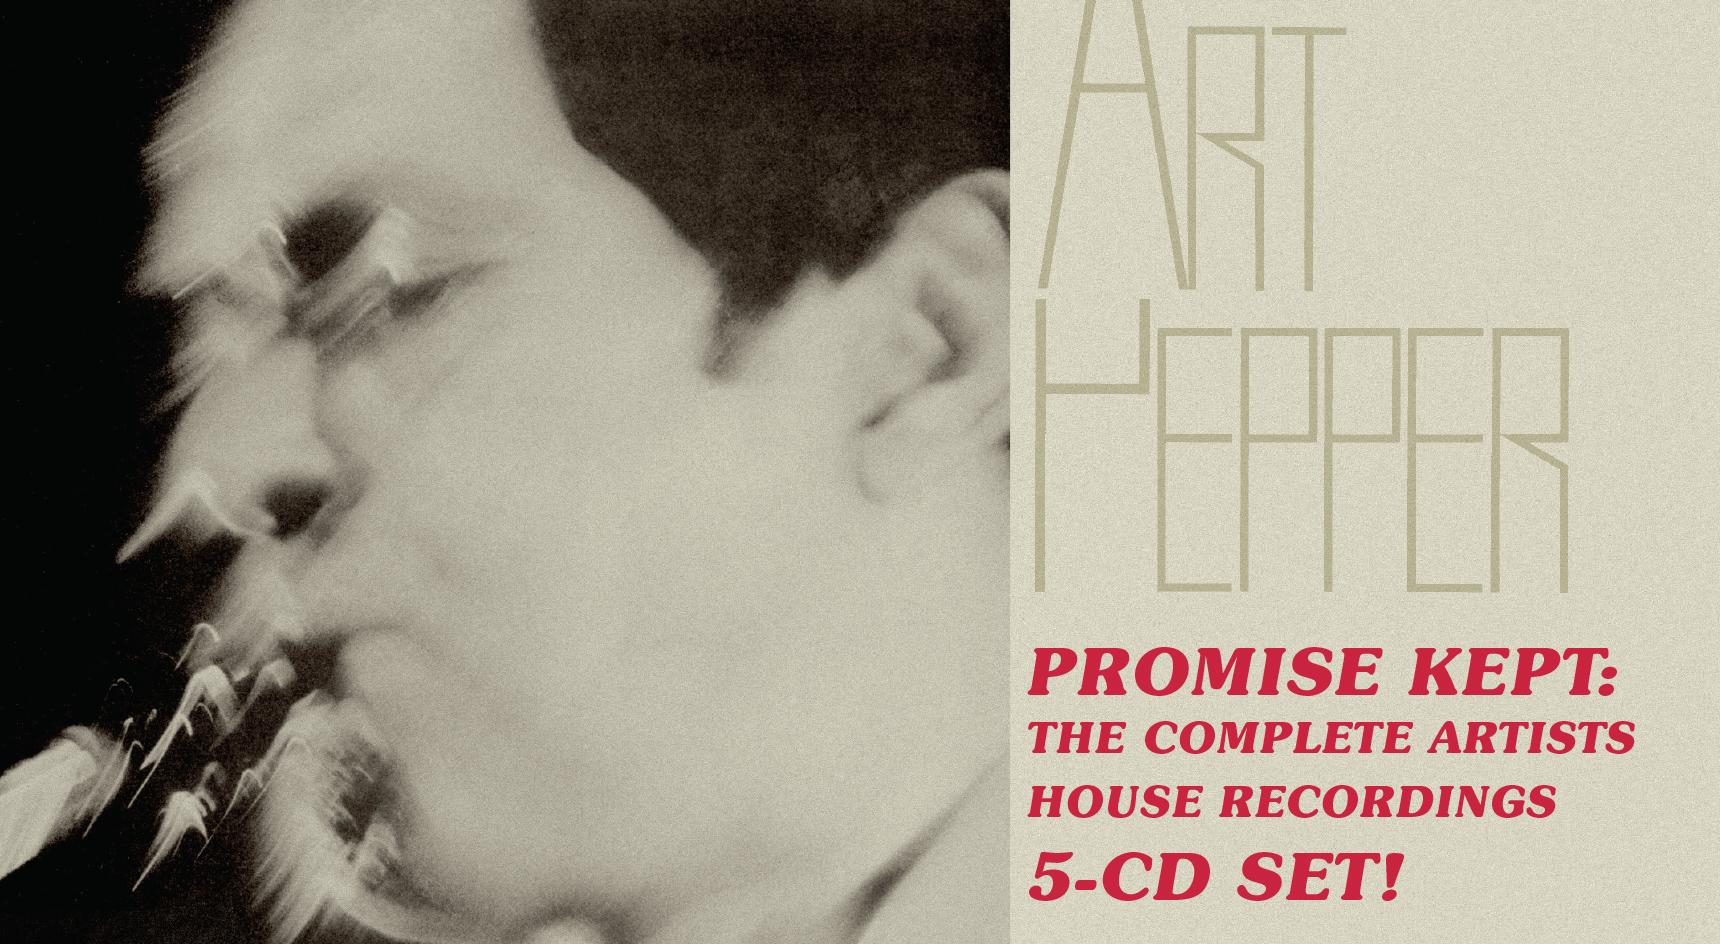 Art Pepper - Promise Kept News